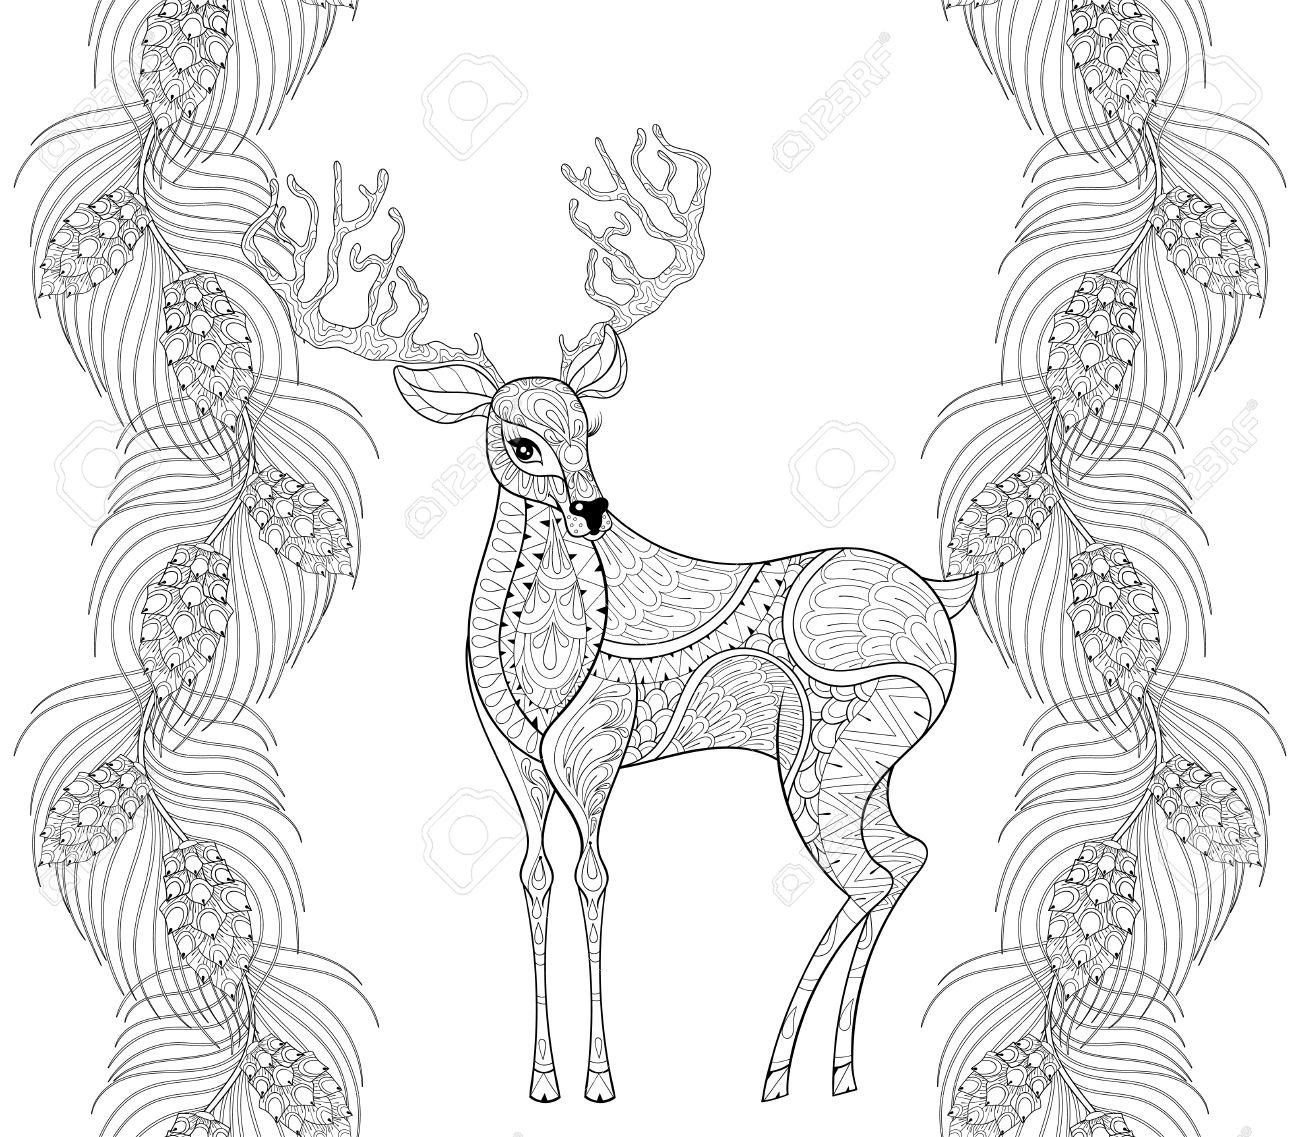 Perfecto Navidad Para Colorear Imágenes Del Libro Imágenes - Dibujos ...